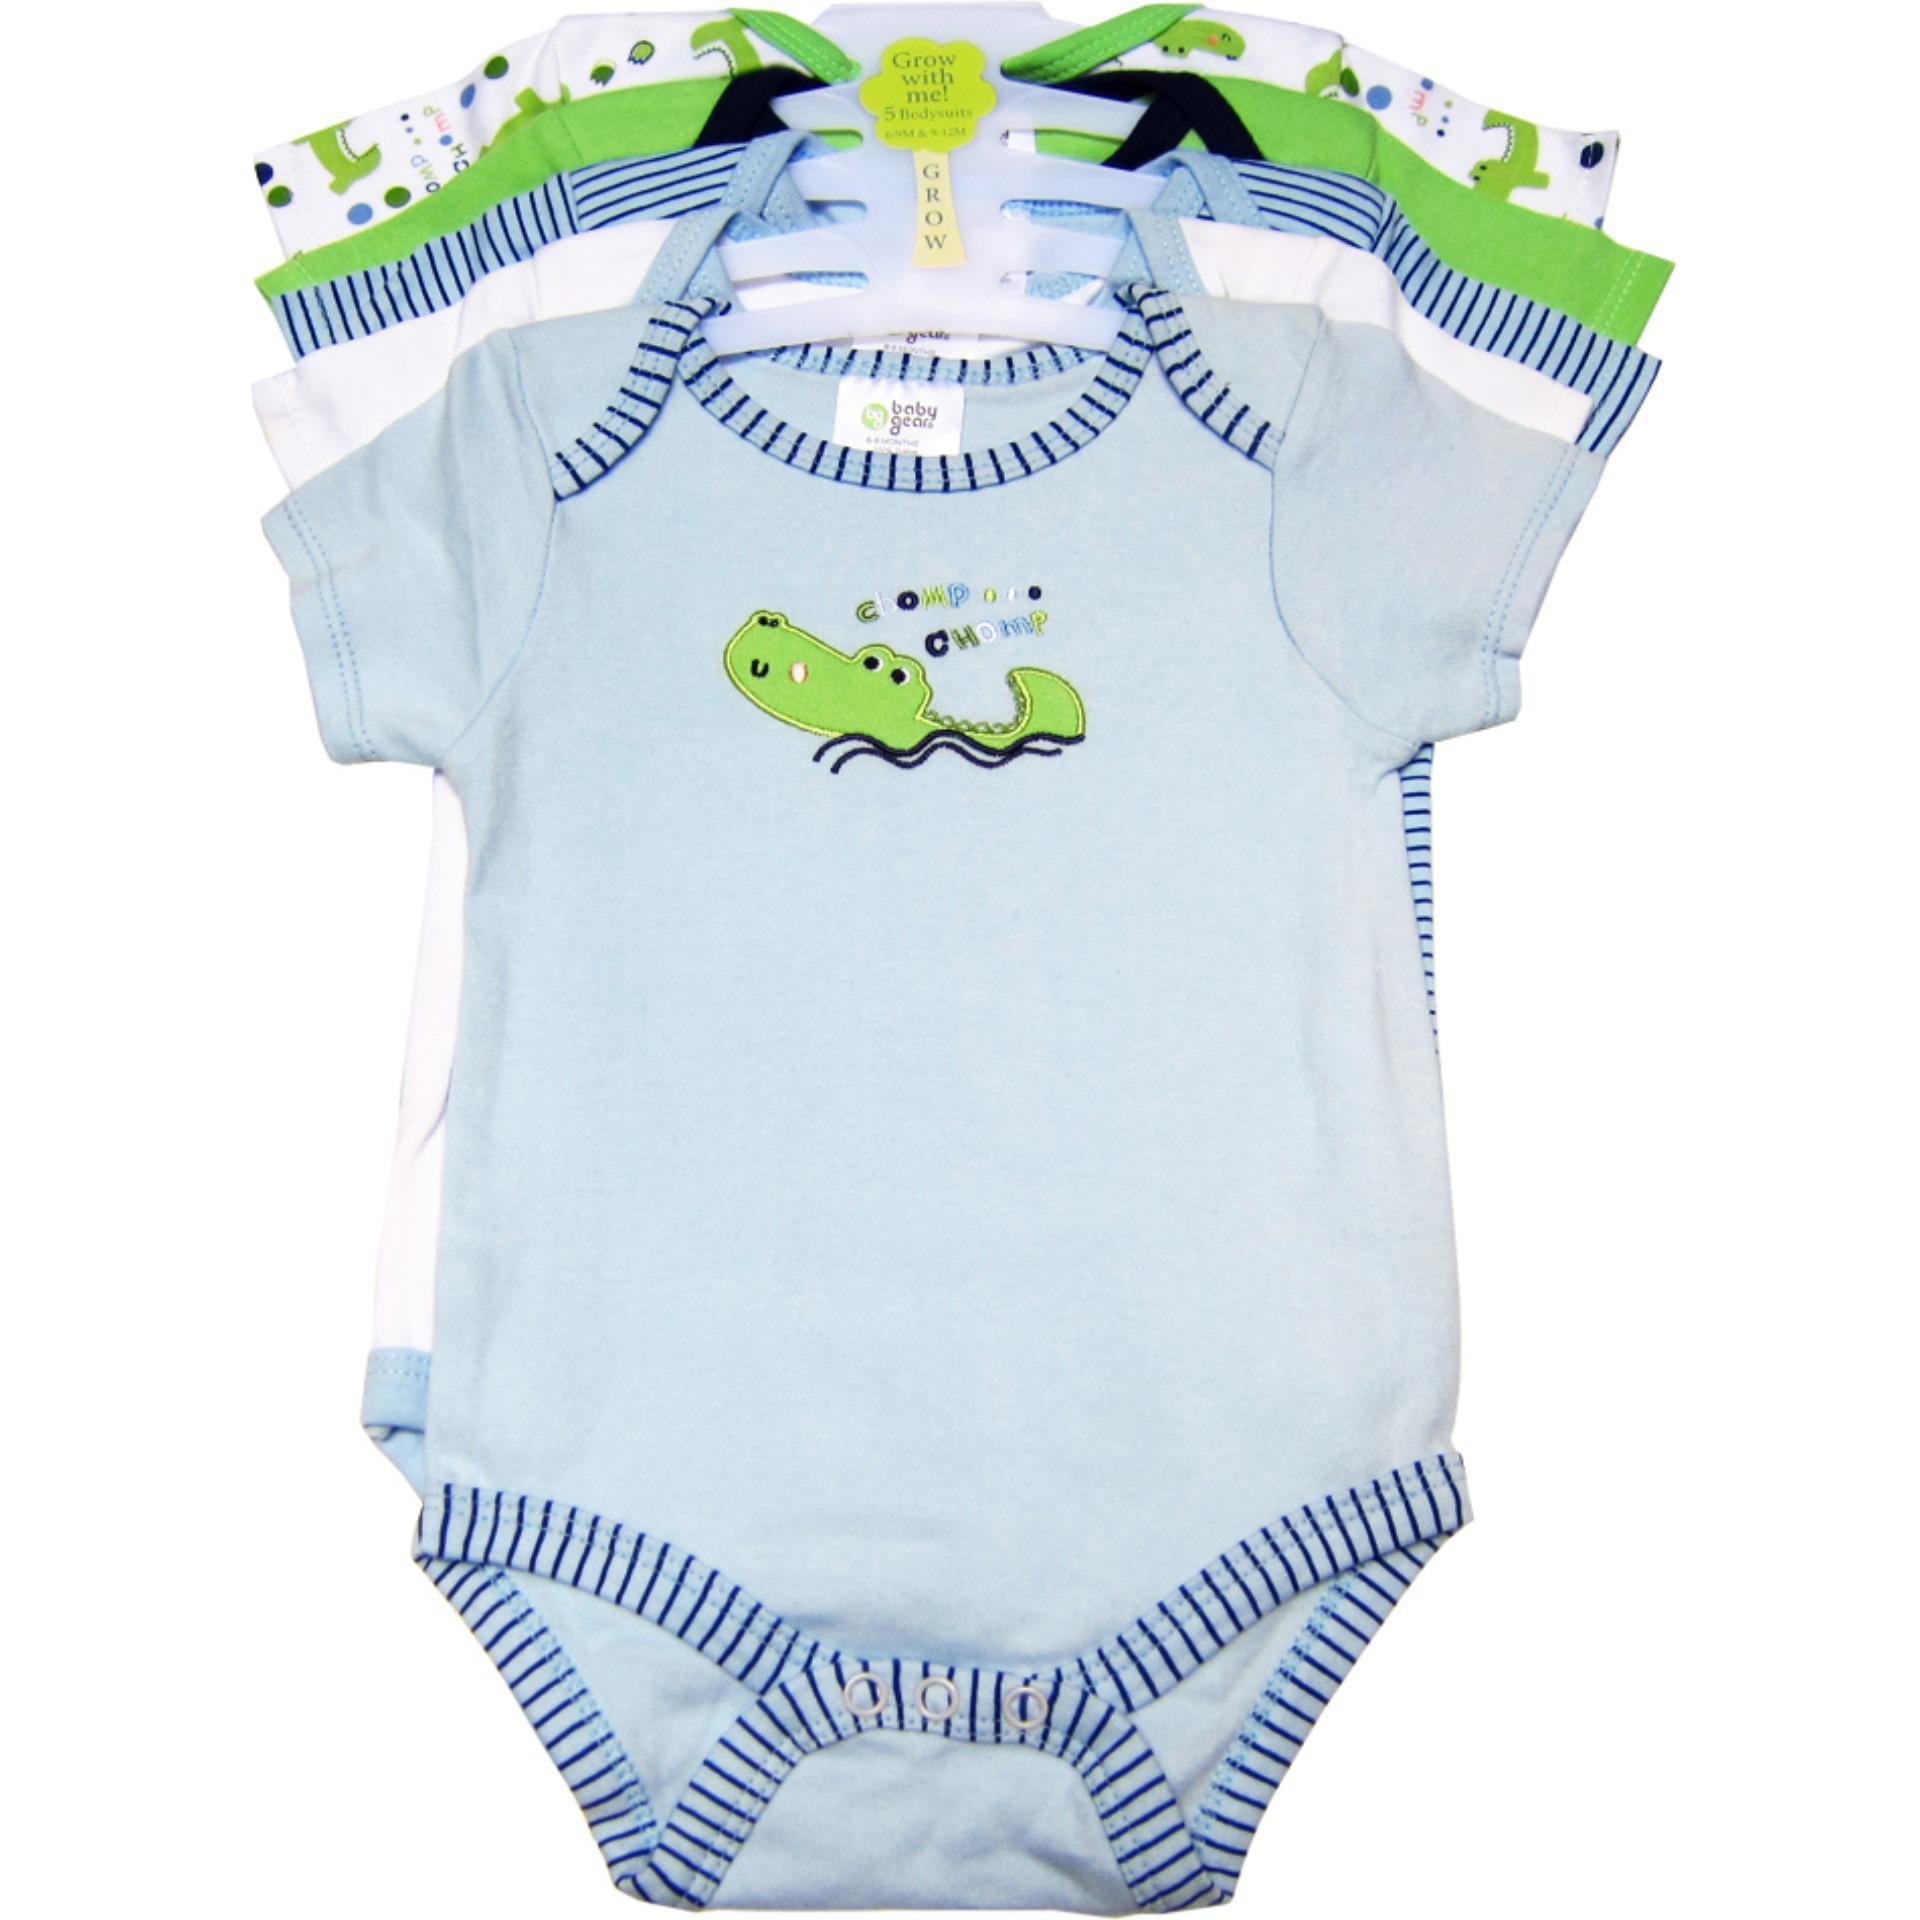 Mua Bộ 5 Ao Liền Quần Be Trai Từ 3 Đến 9 Thang Bg Mau Sắc Ngẫu Nhien Baby Gear